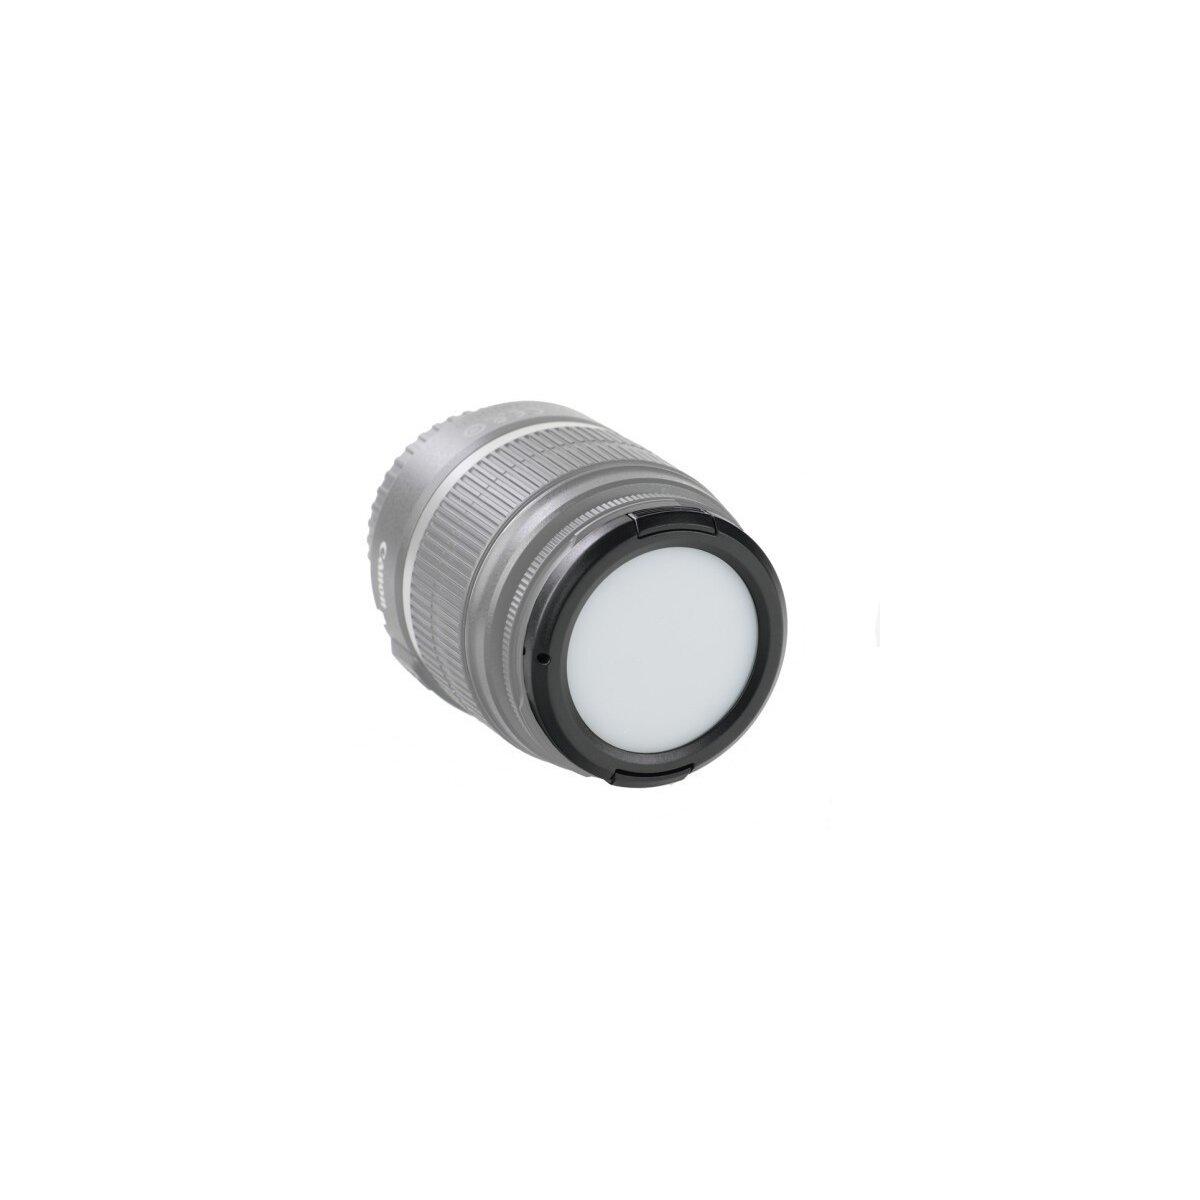 Weißabgleich Schnappdeckel 72mm - White Balance Cap 72mm - Graukarte, Objektivdeckel